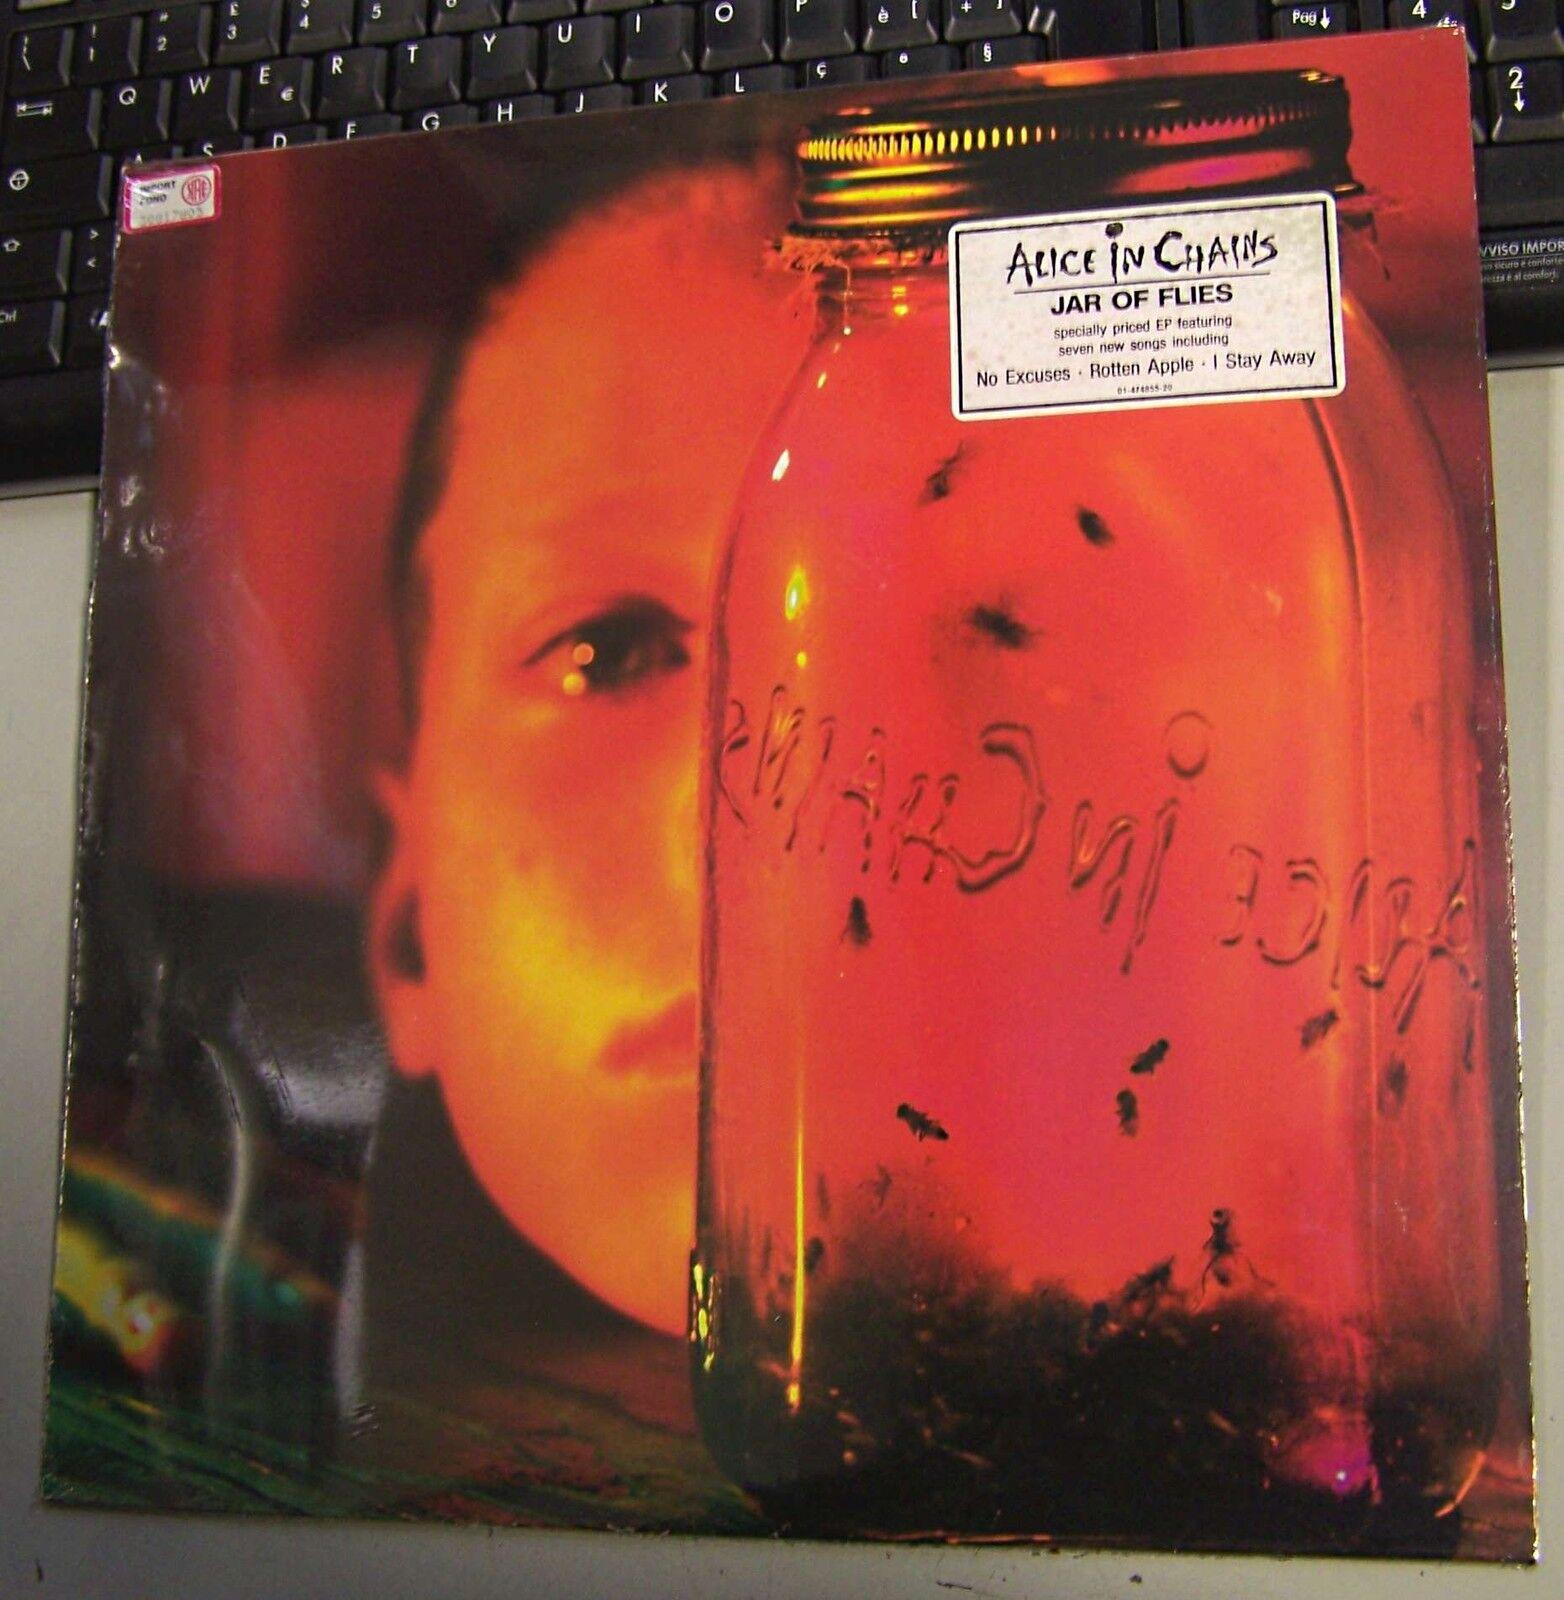 ALICE IN CHAINS - JAR OF FLIES  - LP VINYL SEALED - 5099747485510 -  MINT sealed